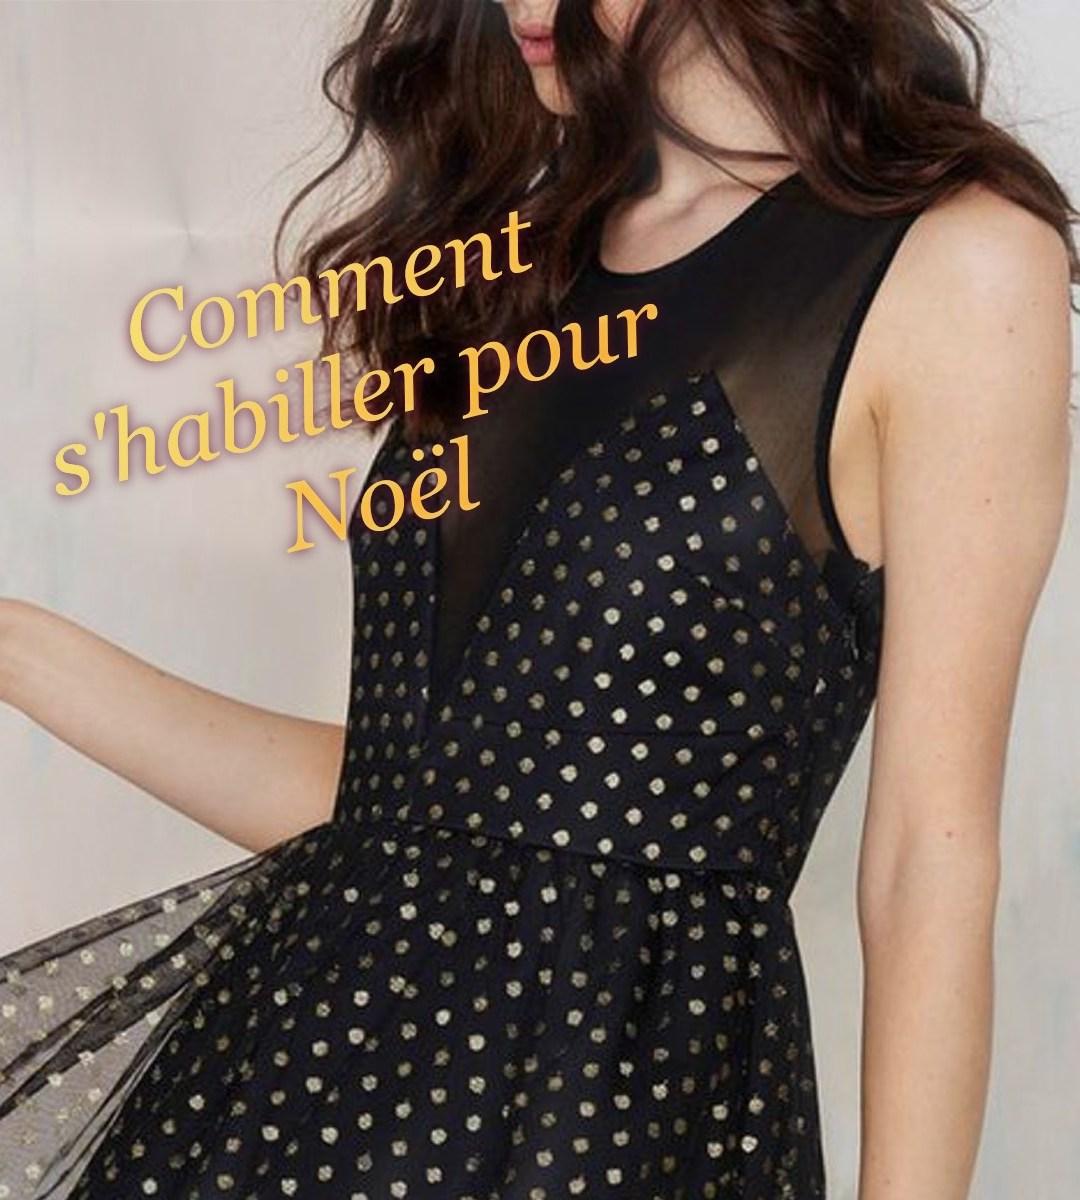 s-habiller-pour-noel-